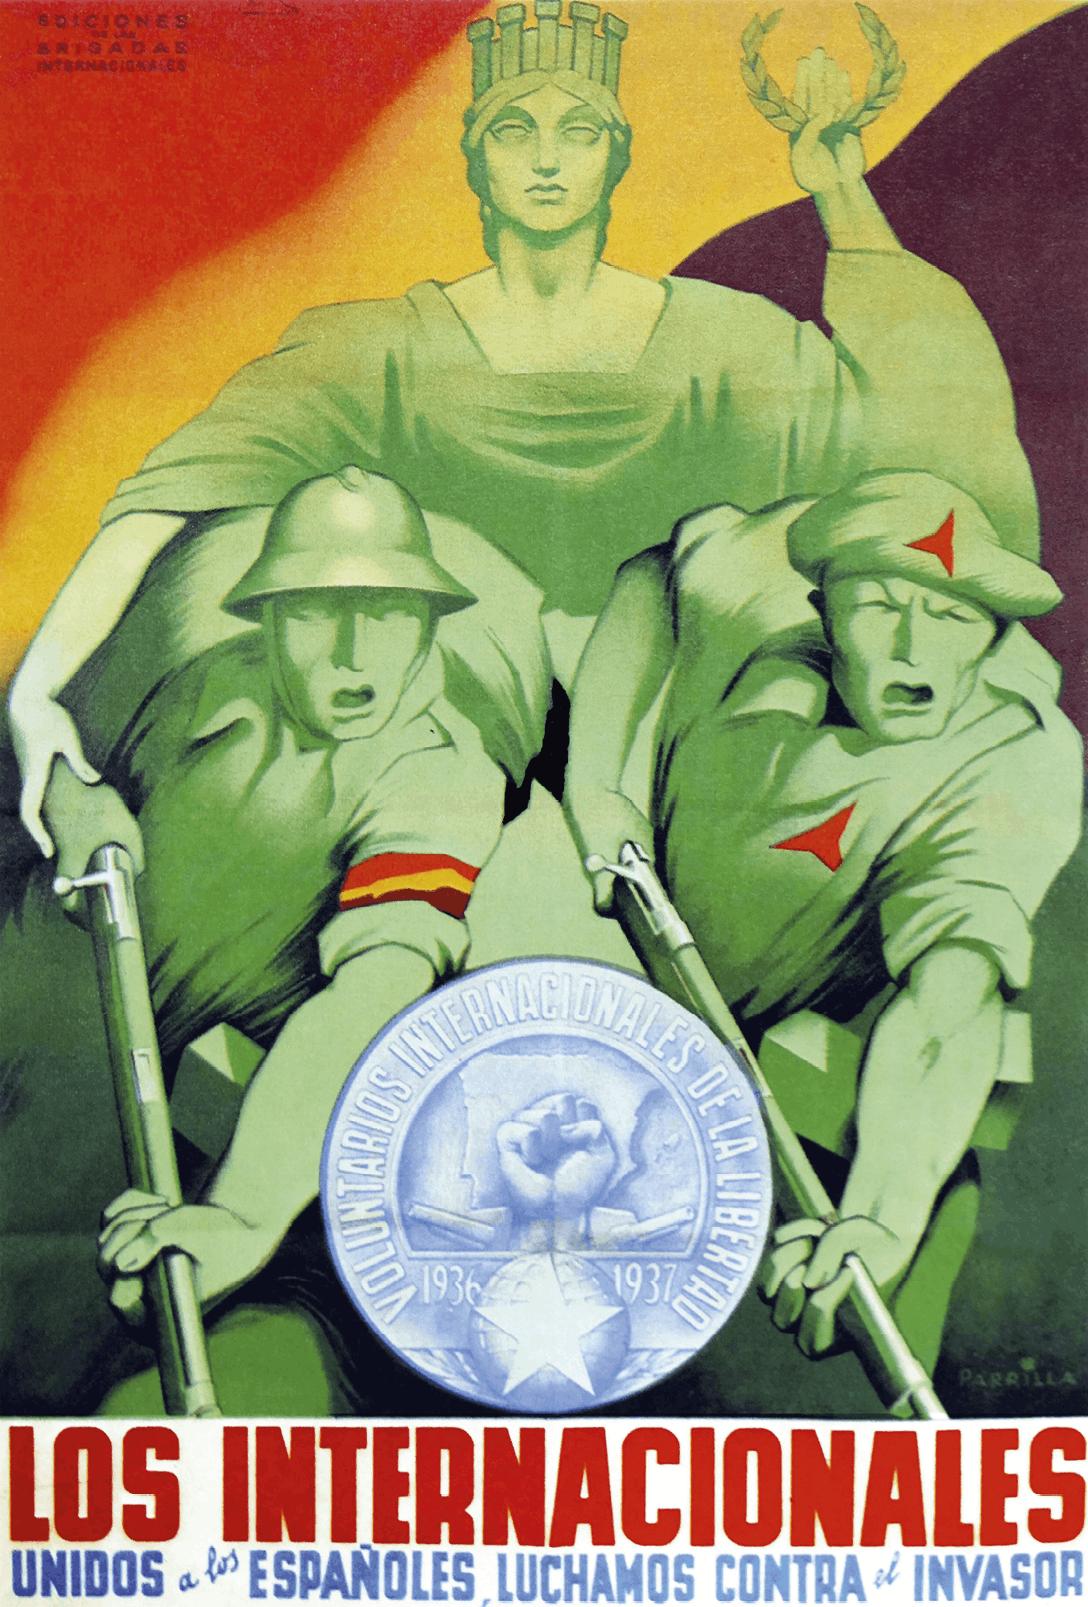 Cartel Las Brigadas Internacionales, unidas con el español, contra el invasor